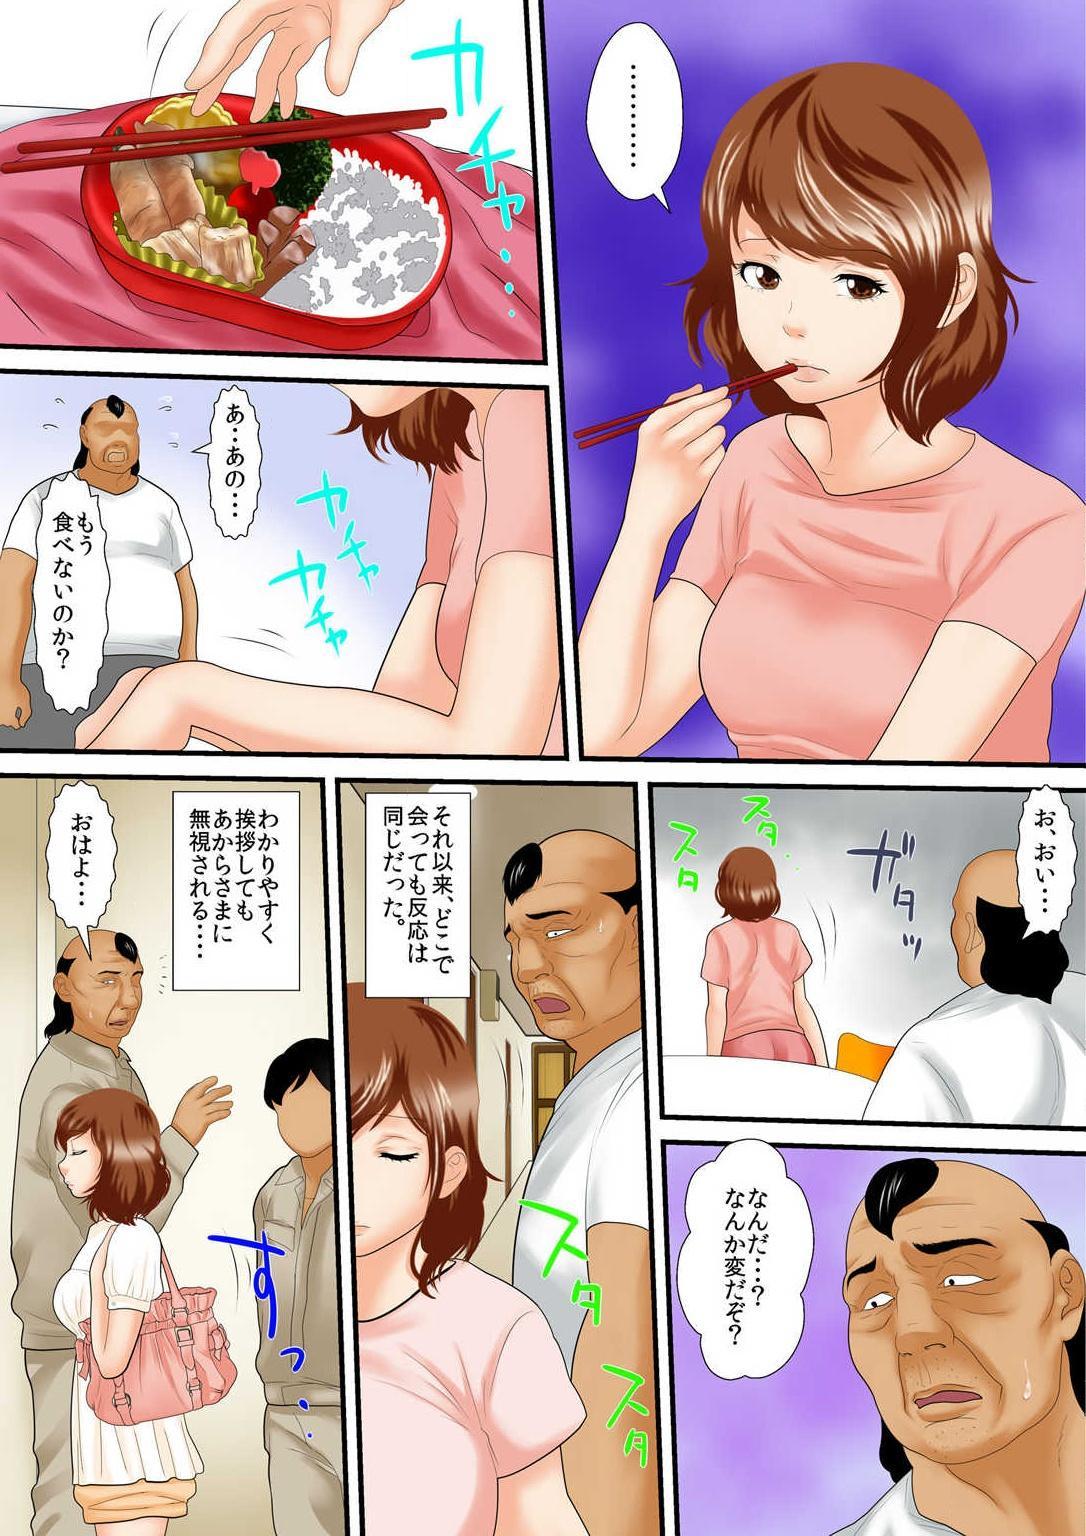 Zetsurin Oyaji ga Joshiryou de ~Sonna ni Dashitara Ninshin shichau!! 1 52